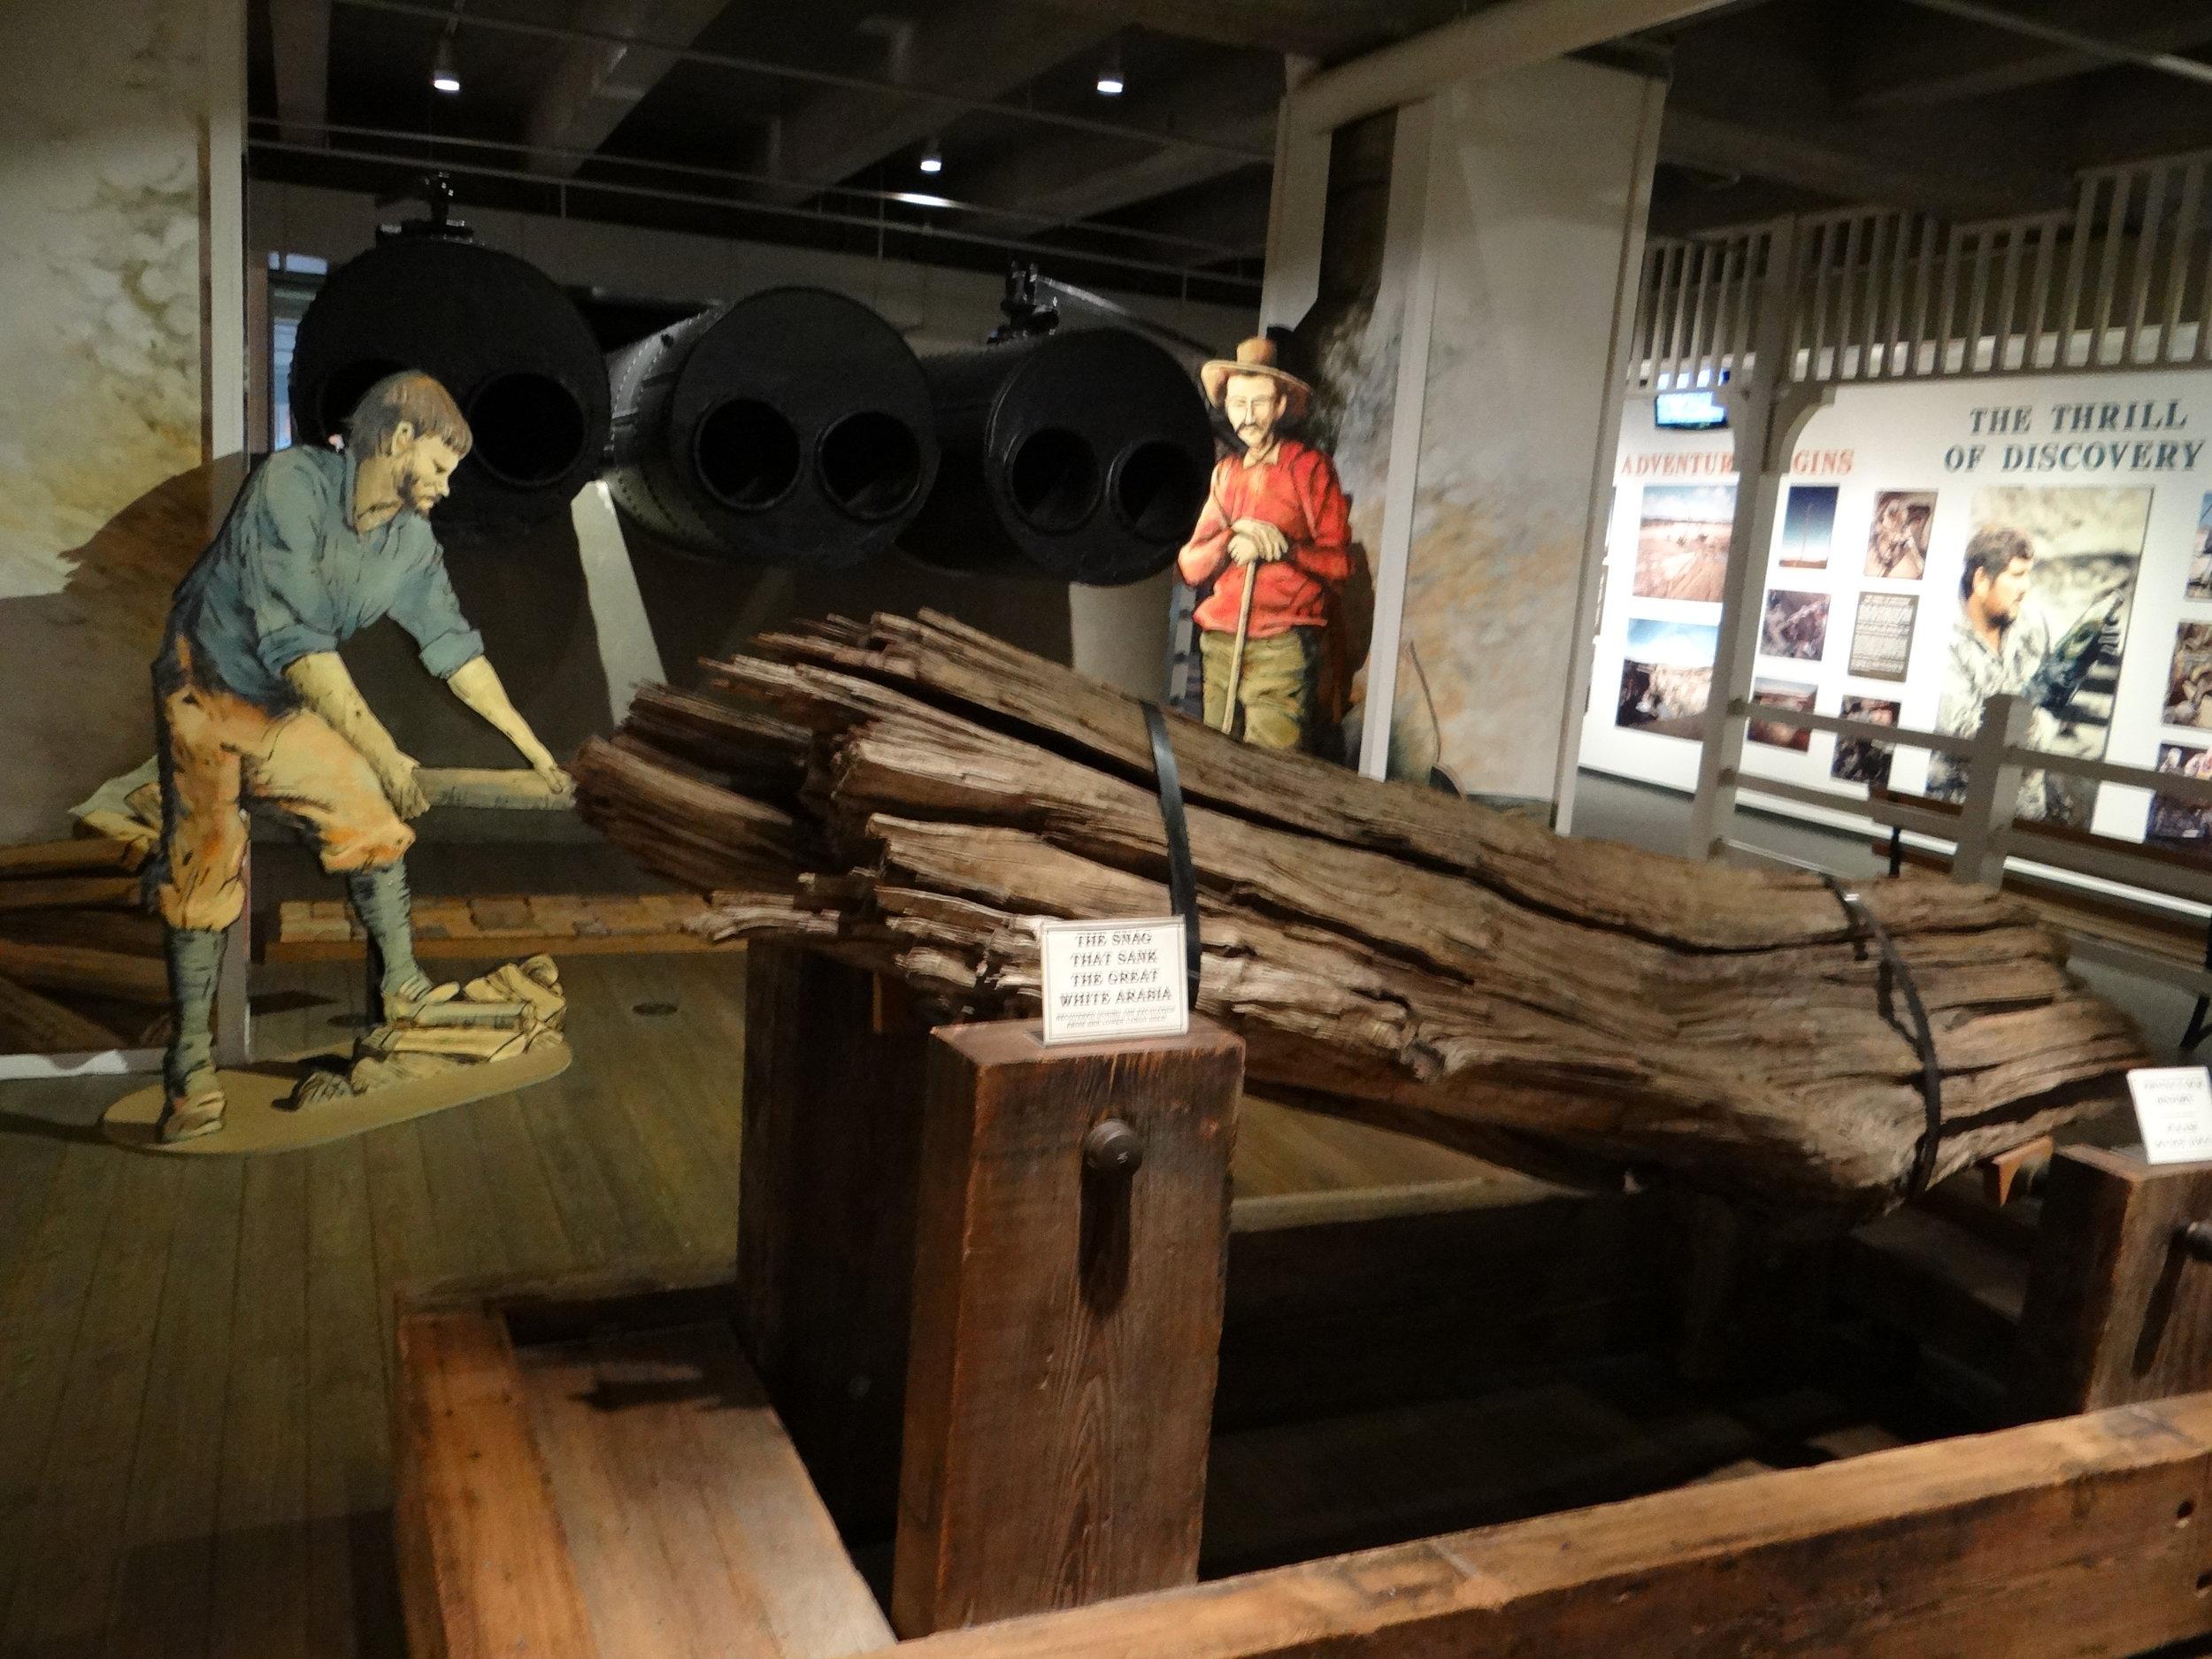 The log that sunk the Arabia